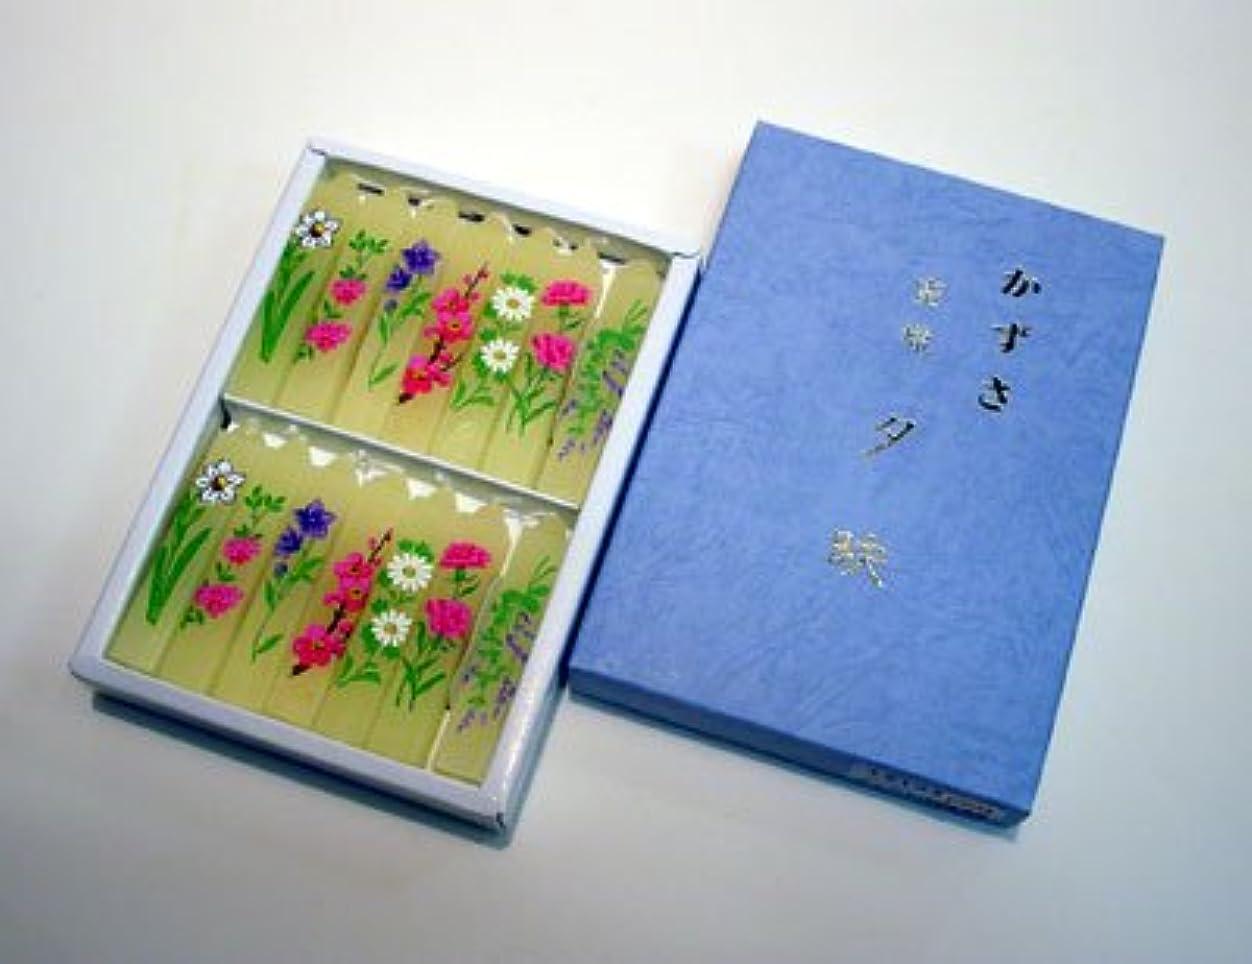 前者伝統的音声六種の花を蜜蝋で 蜜蝋 絵ローソク かずさ 夕映